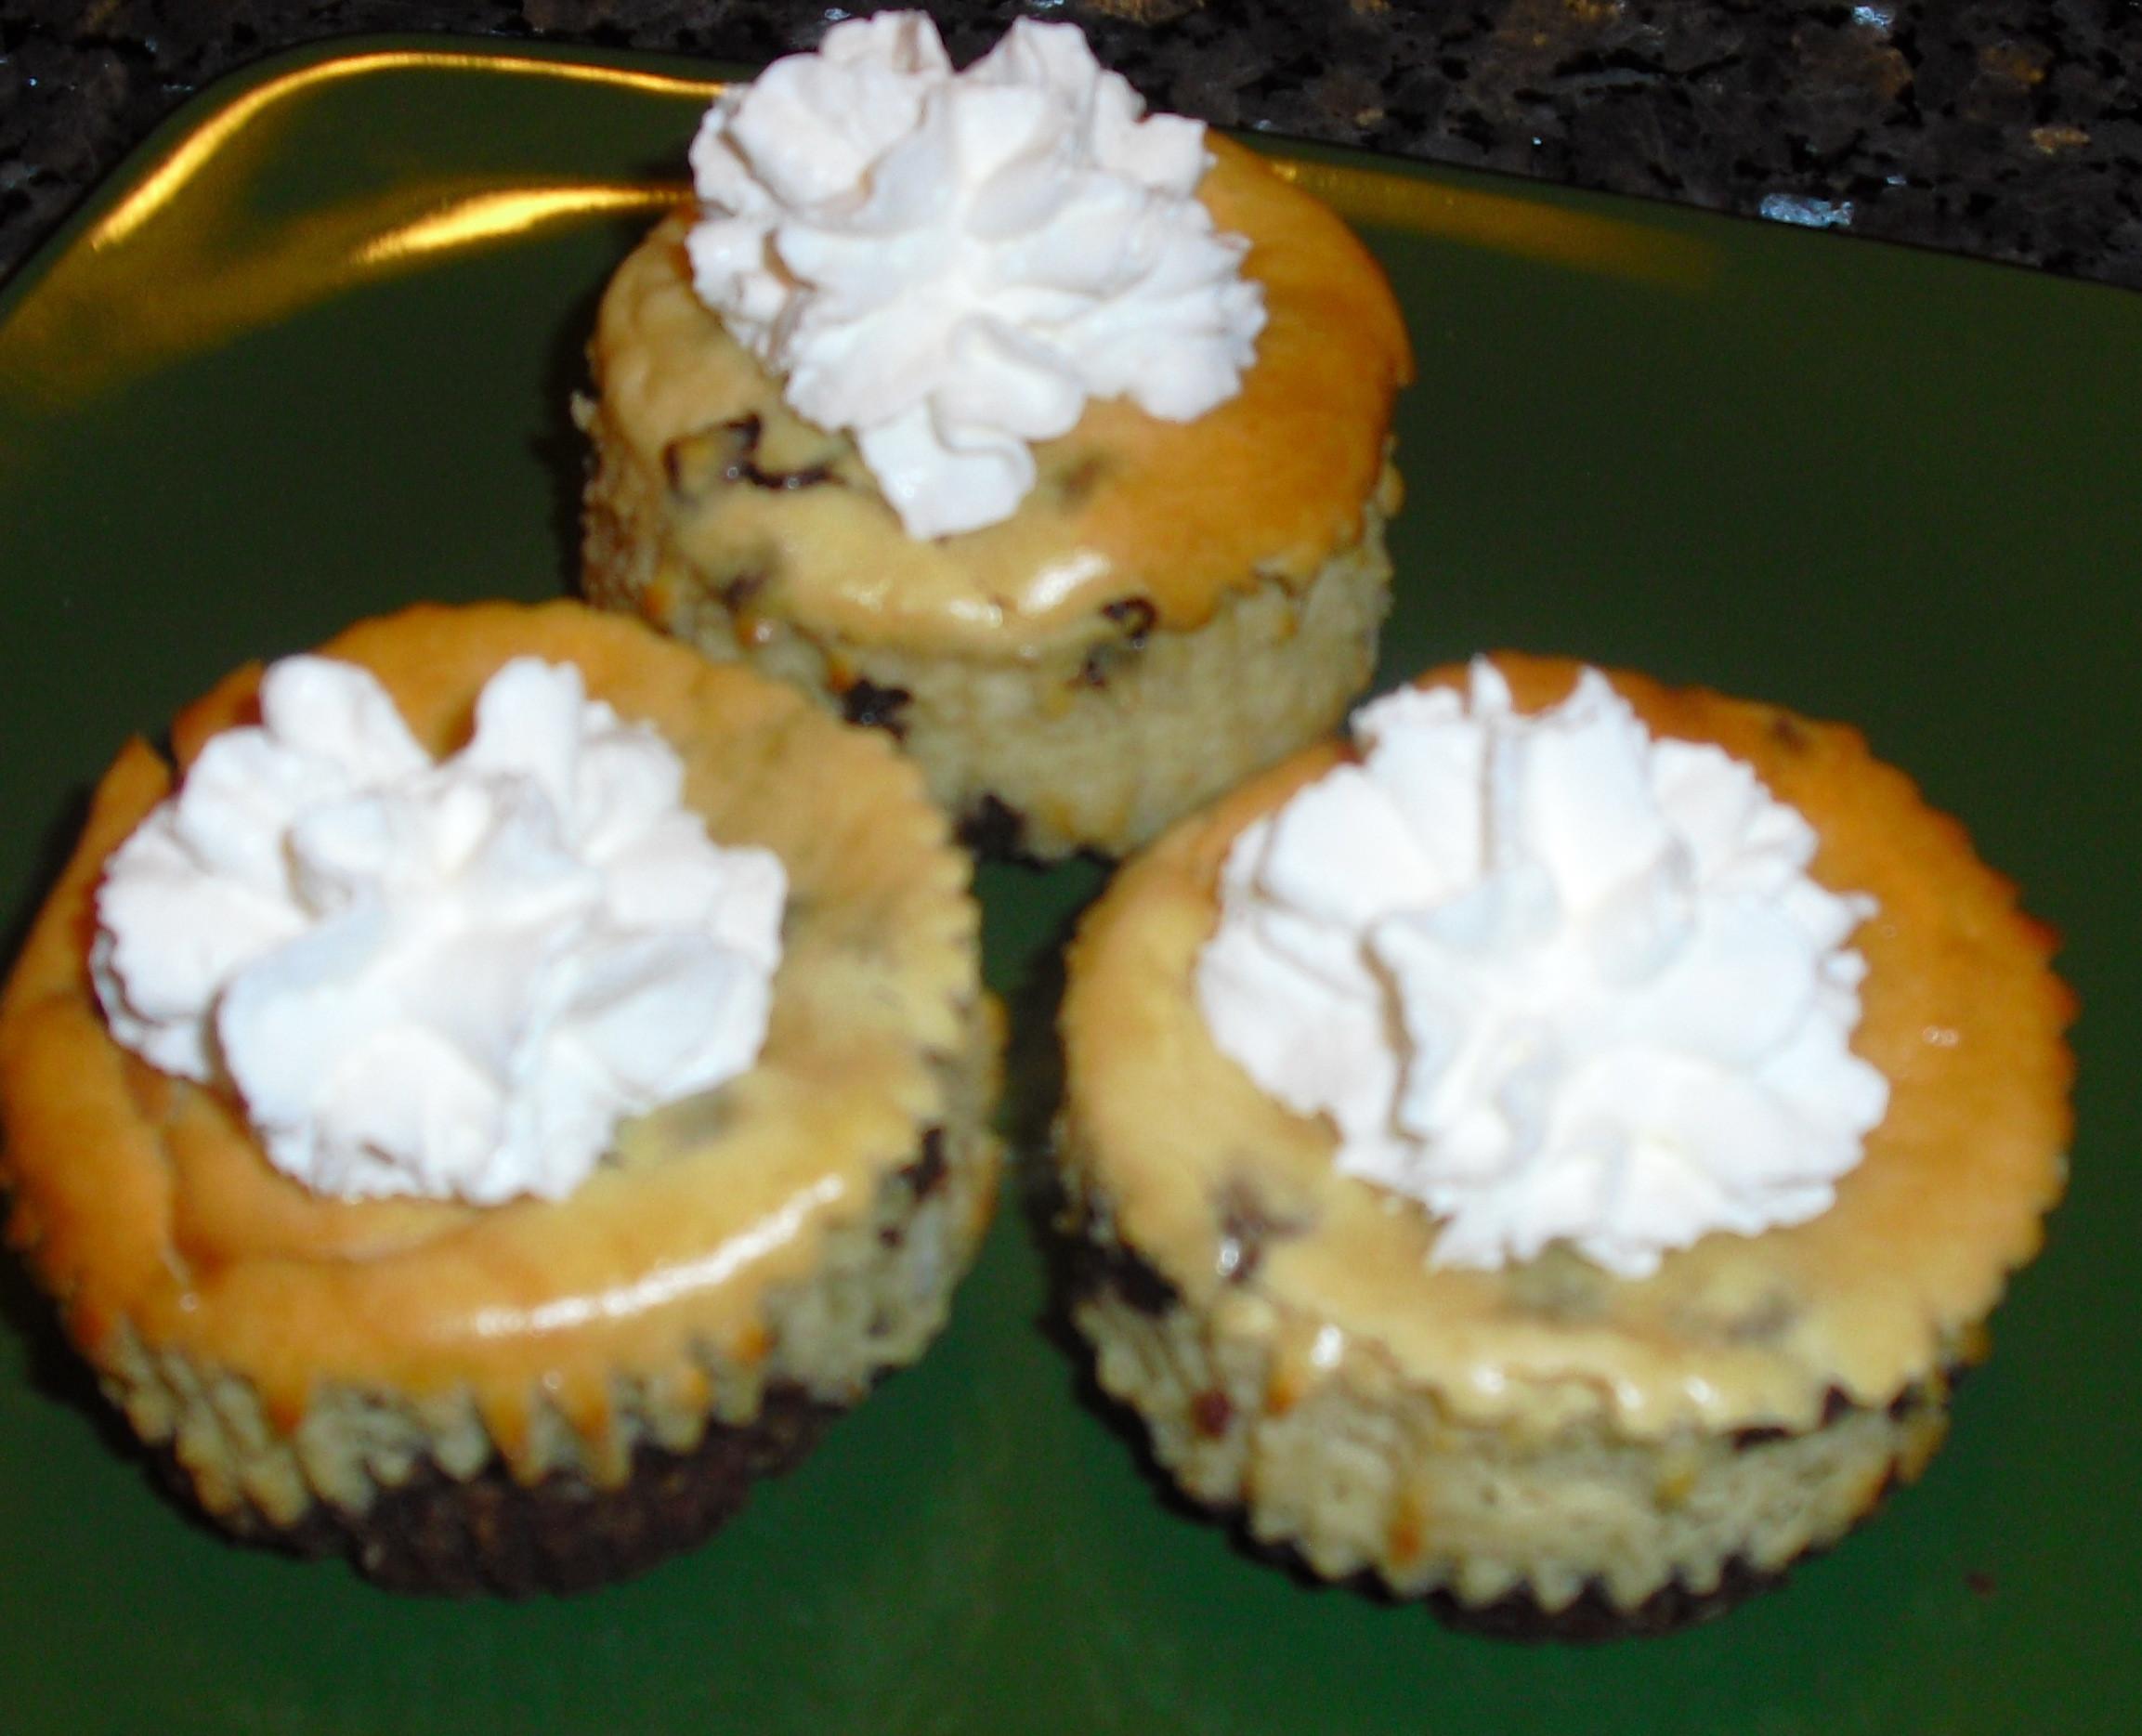 Traditional Irish Desserts  Irish Cream Chocolate Chip Cheesecake Recipe Desserts